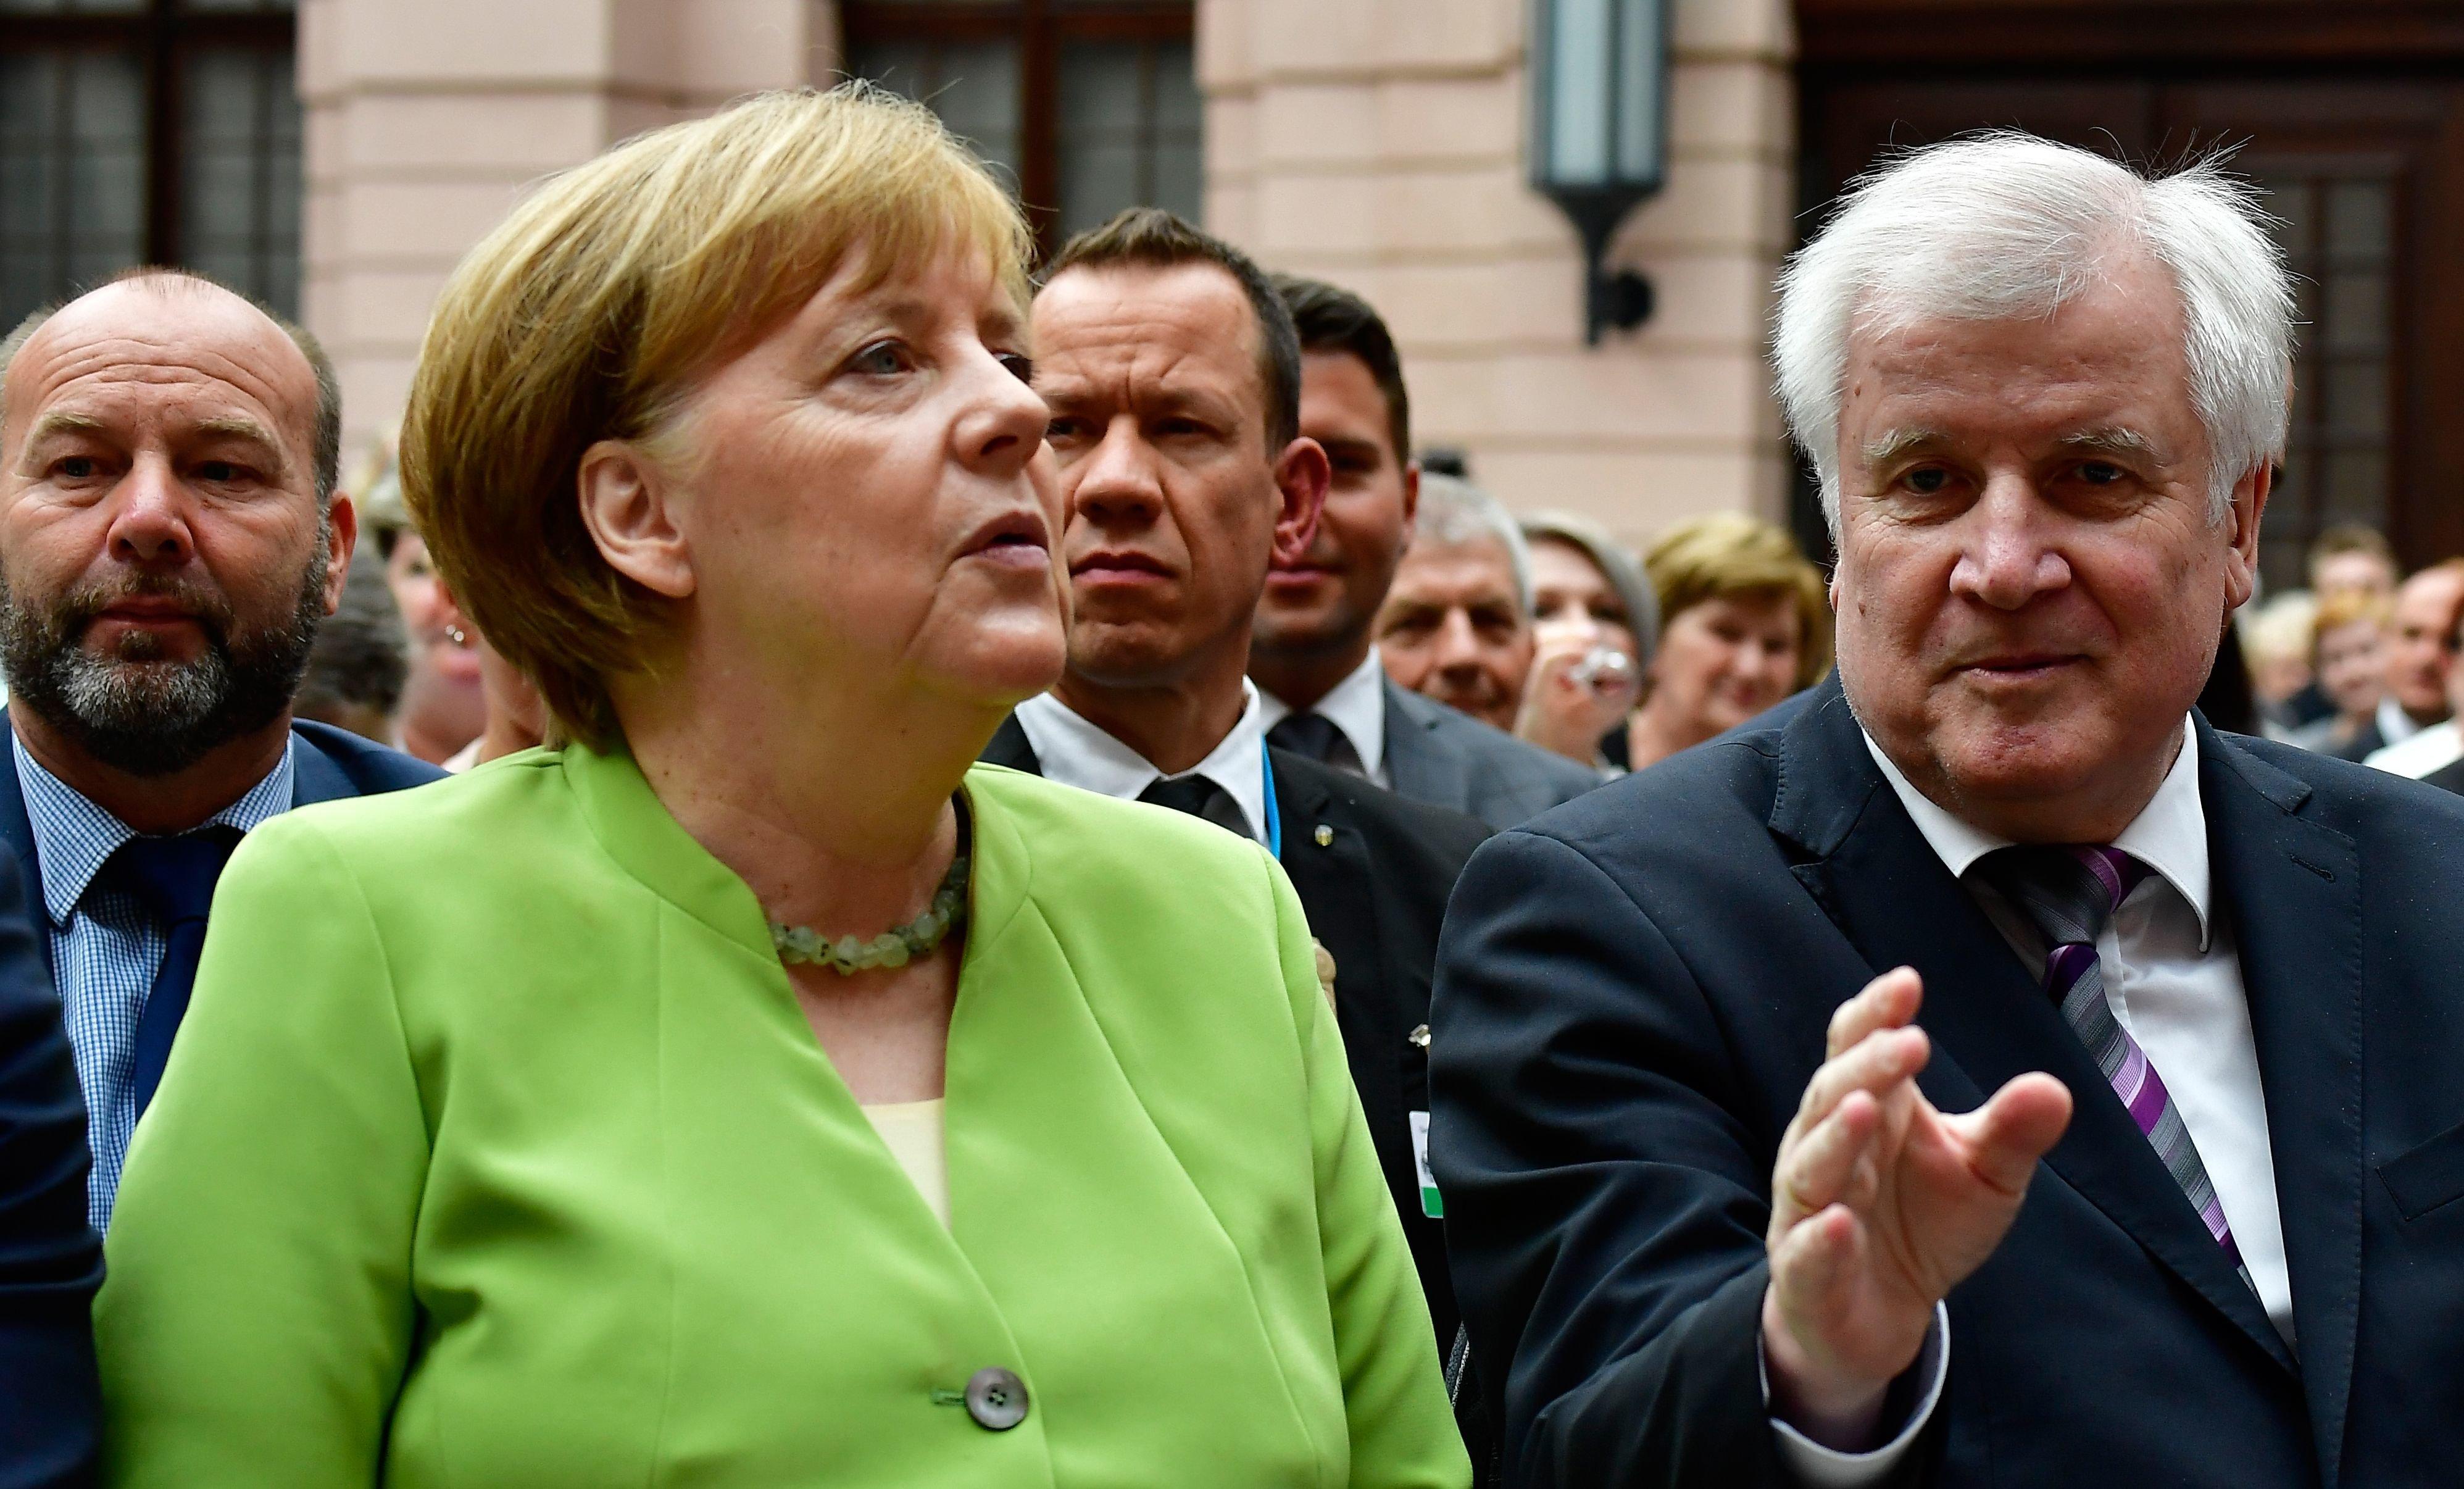 Ο Ζεεχόφερ δηλώνει πως το κόμμα του δεν θέλει να ρίξει τη κυβέρνηση της Μέρκελ αλλά...αφήνει όλα τα ενδεχόμενα